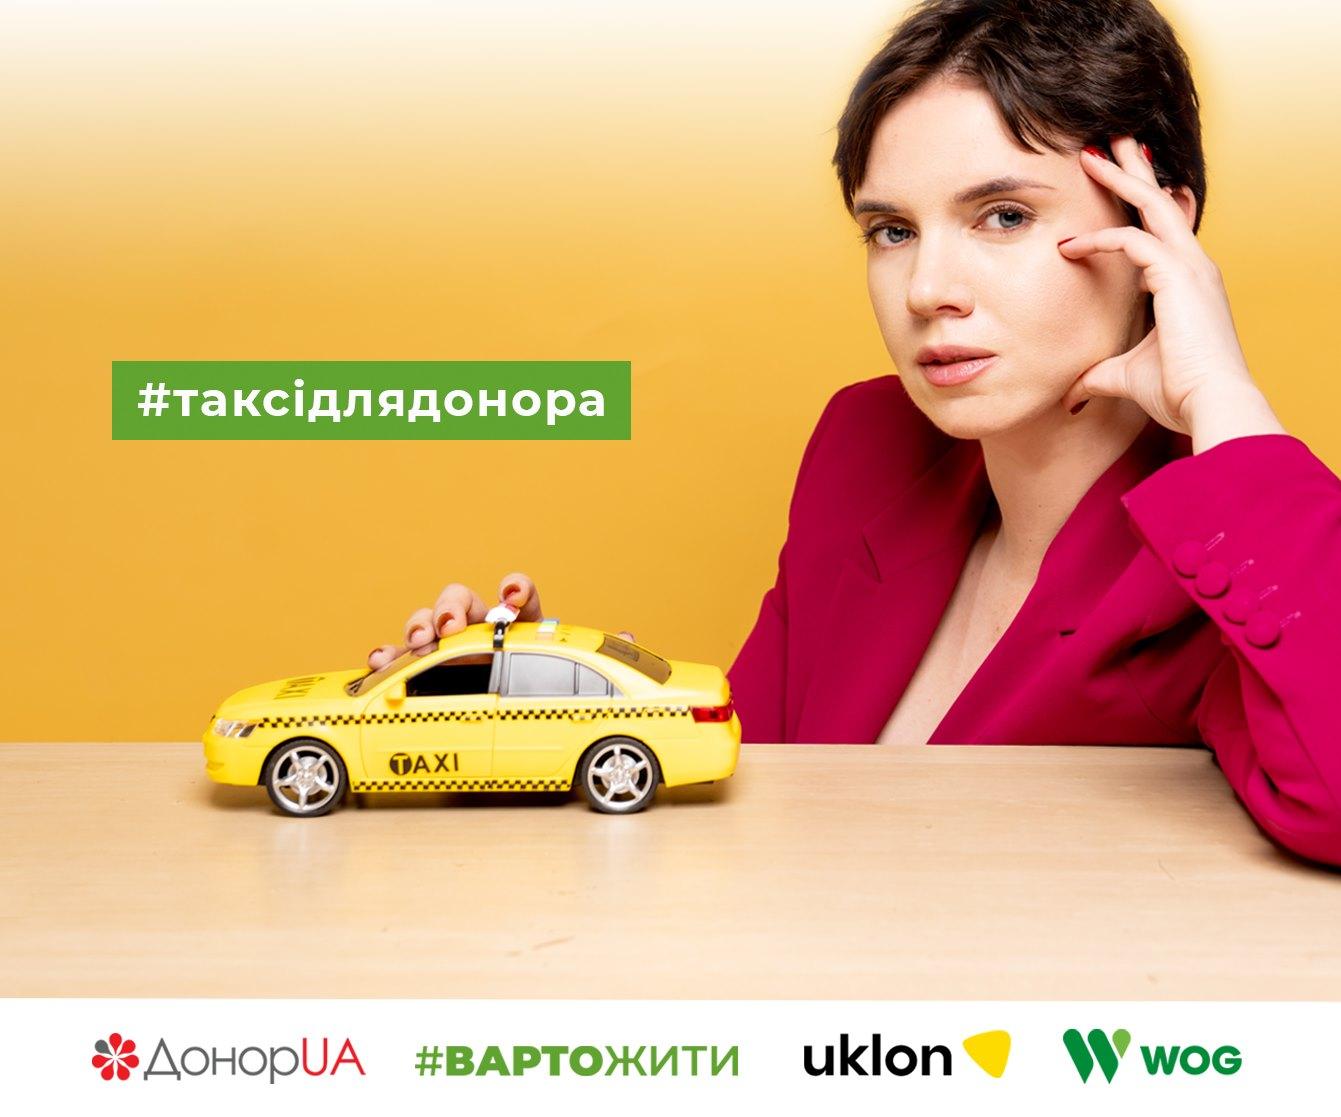 Таксі для донора – стартував всеукраїнський проєкт -  - 91907803 121619212786259 9044032980170833920 o